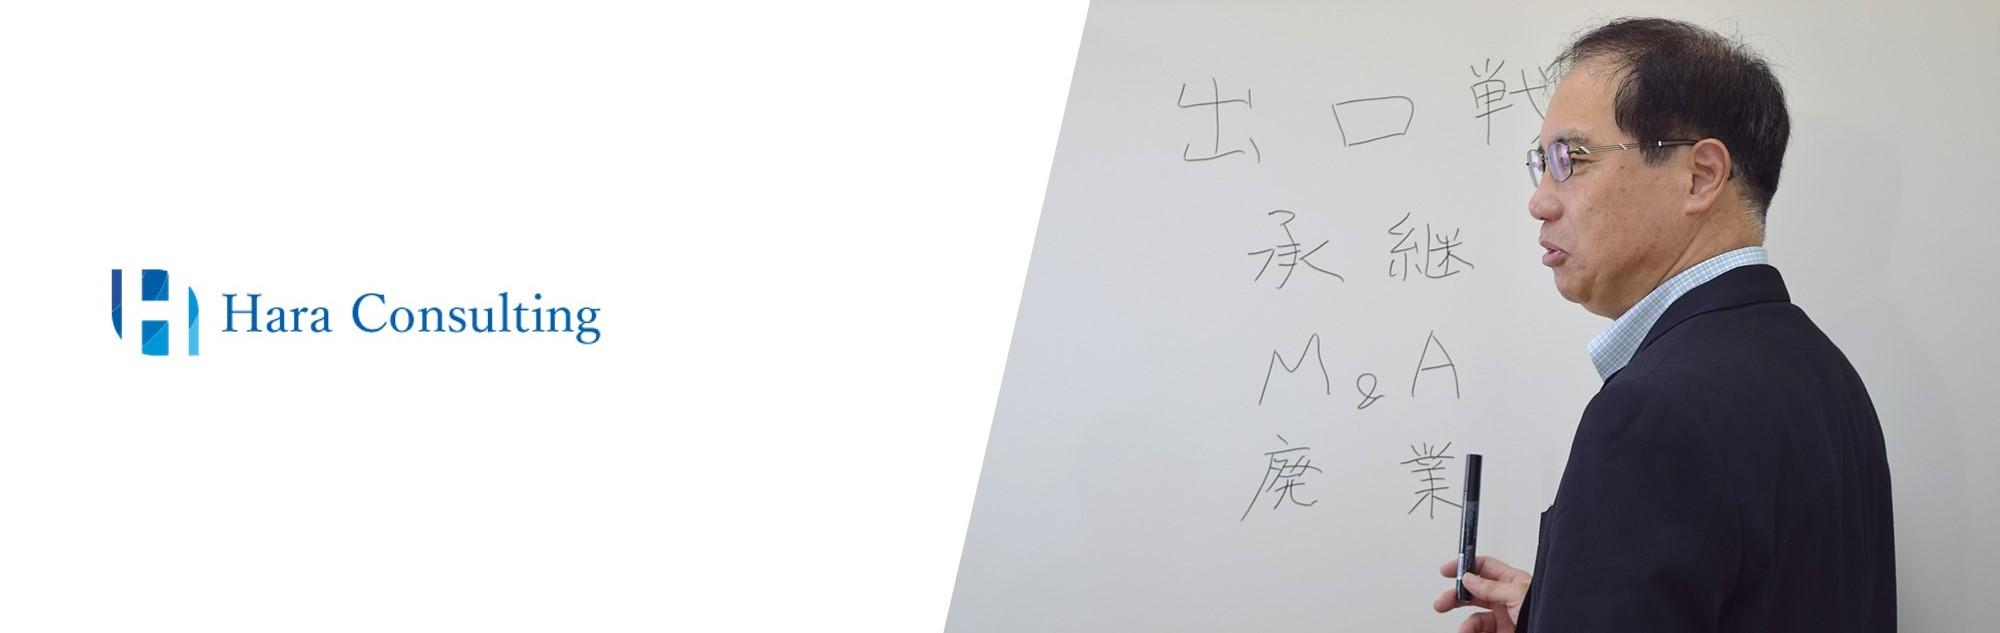 プロフィール | 社外財務部長 原 一浩